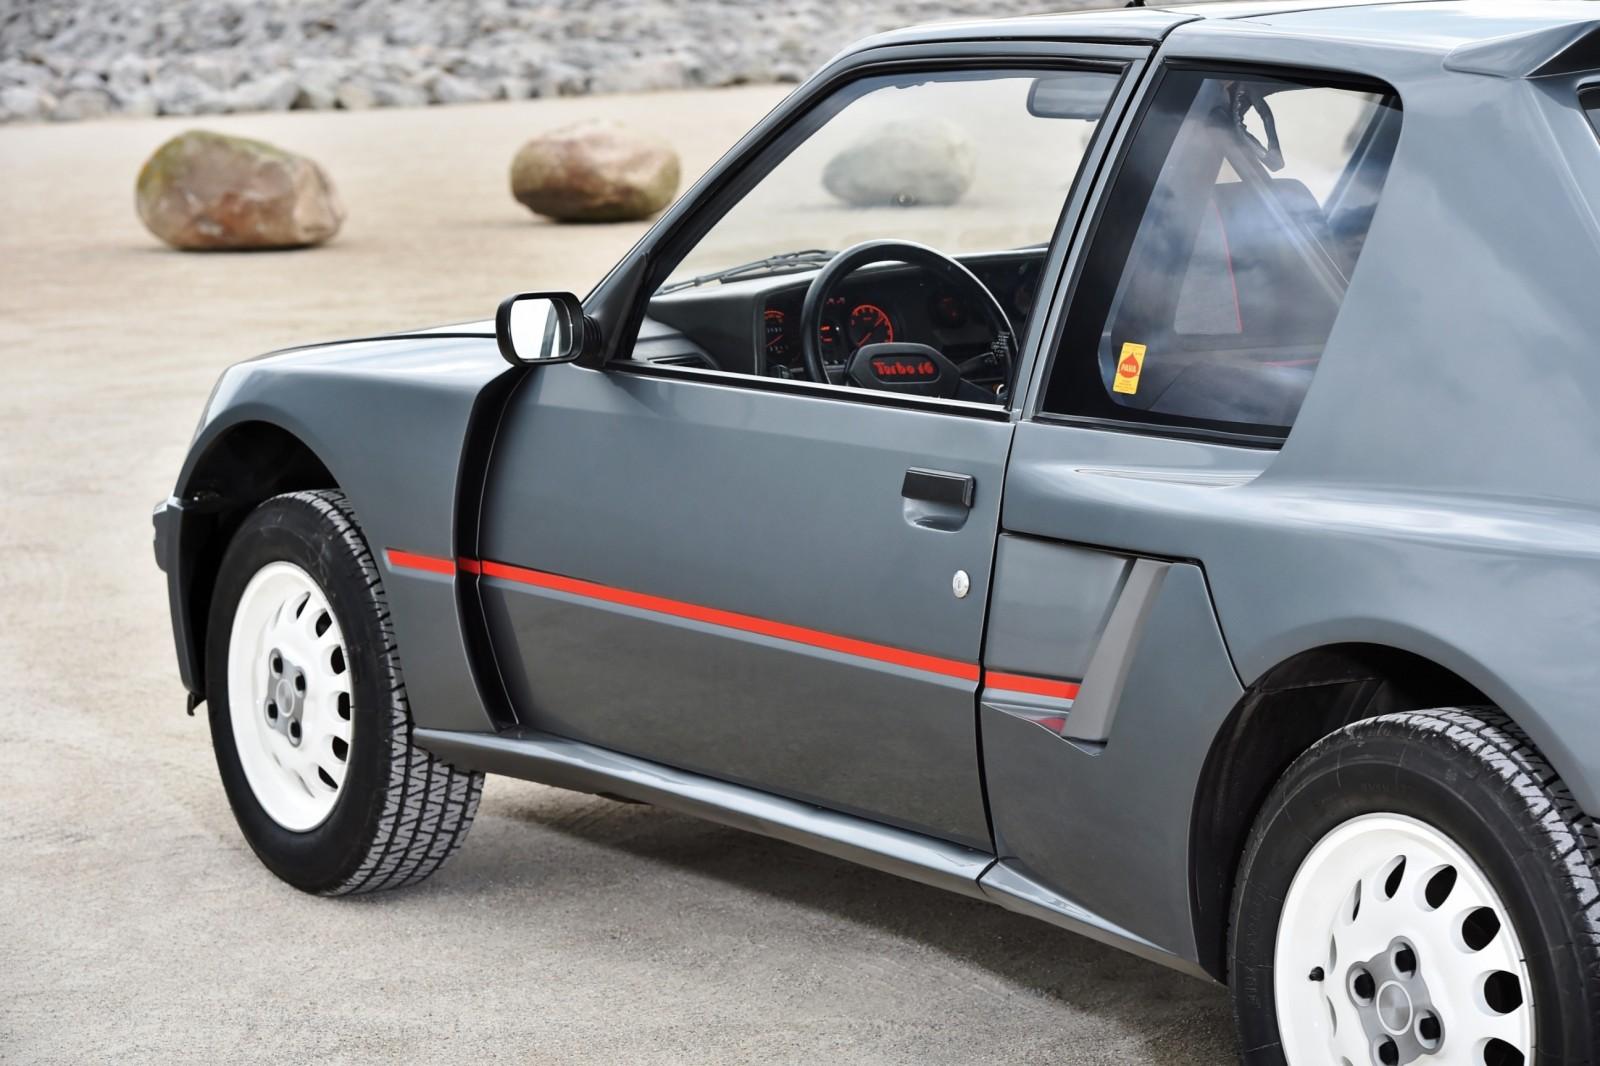 1984 Peugeot 205 Turbo 16 9